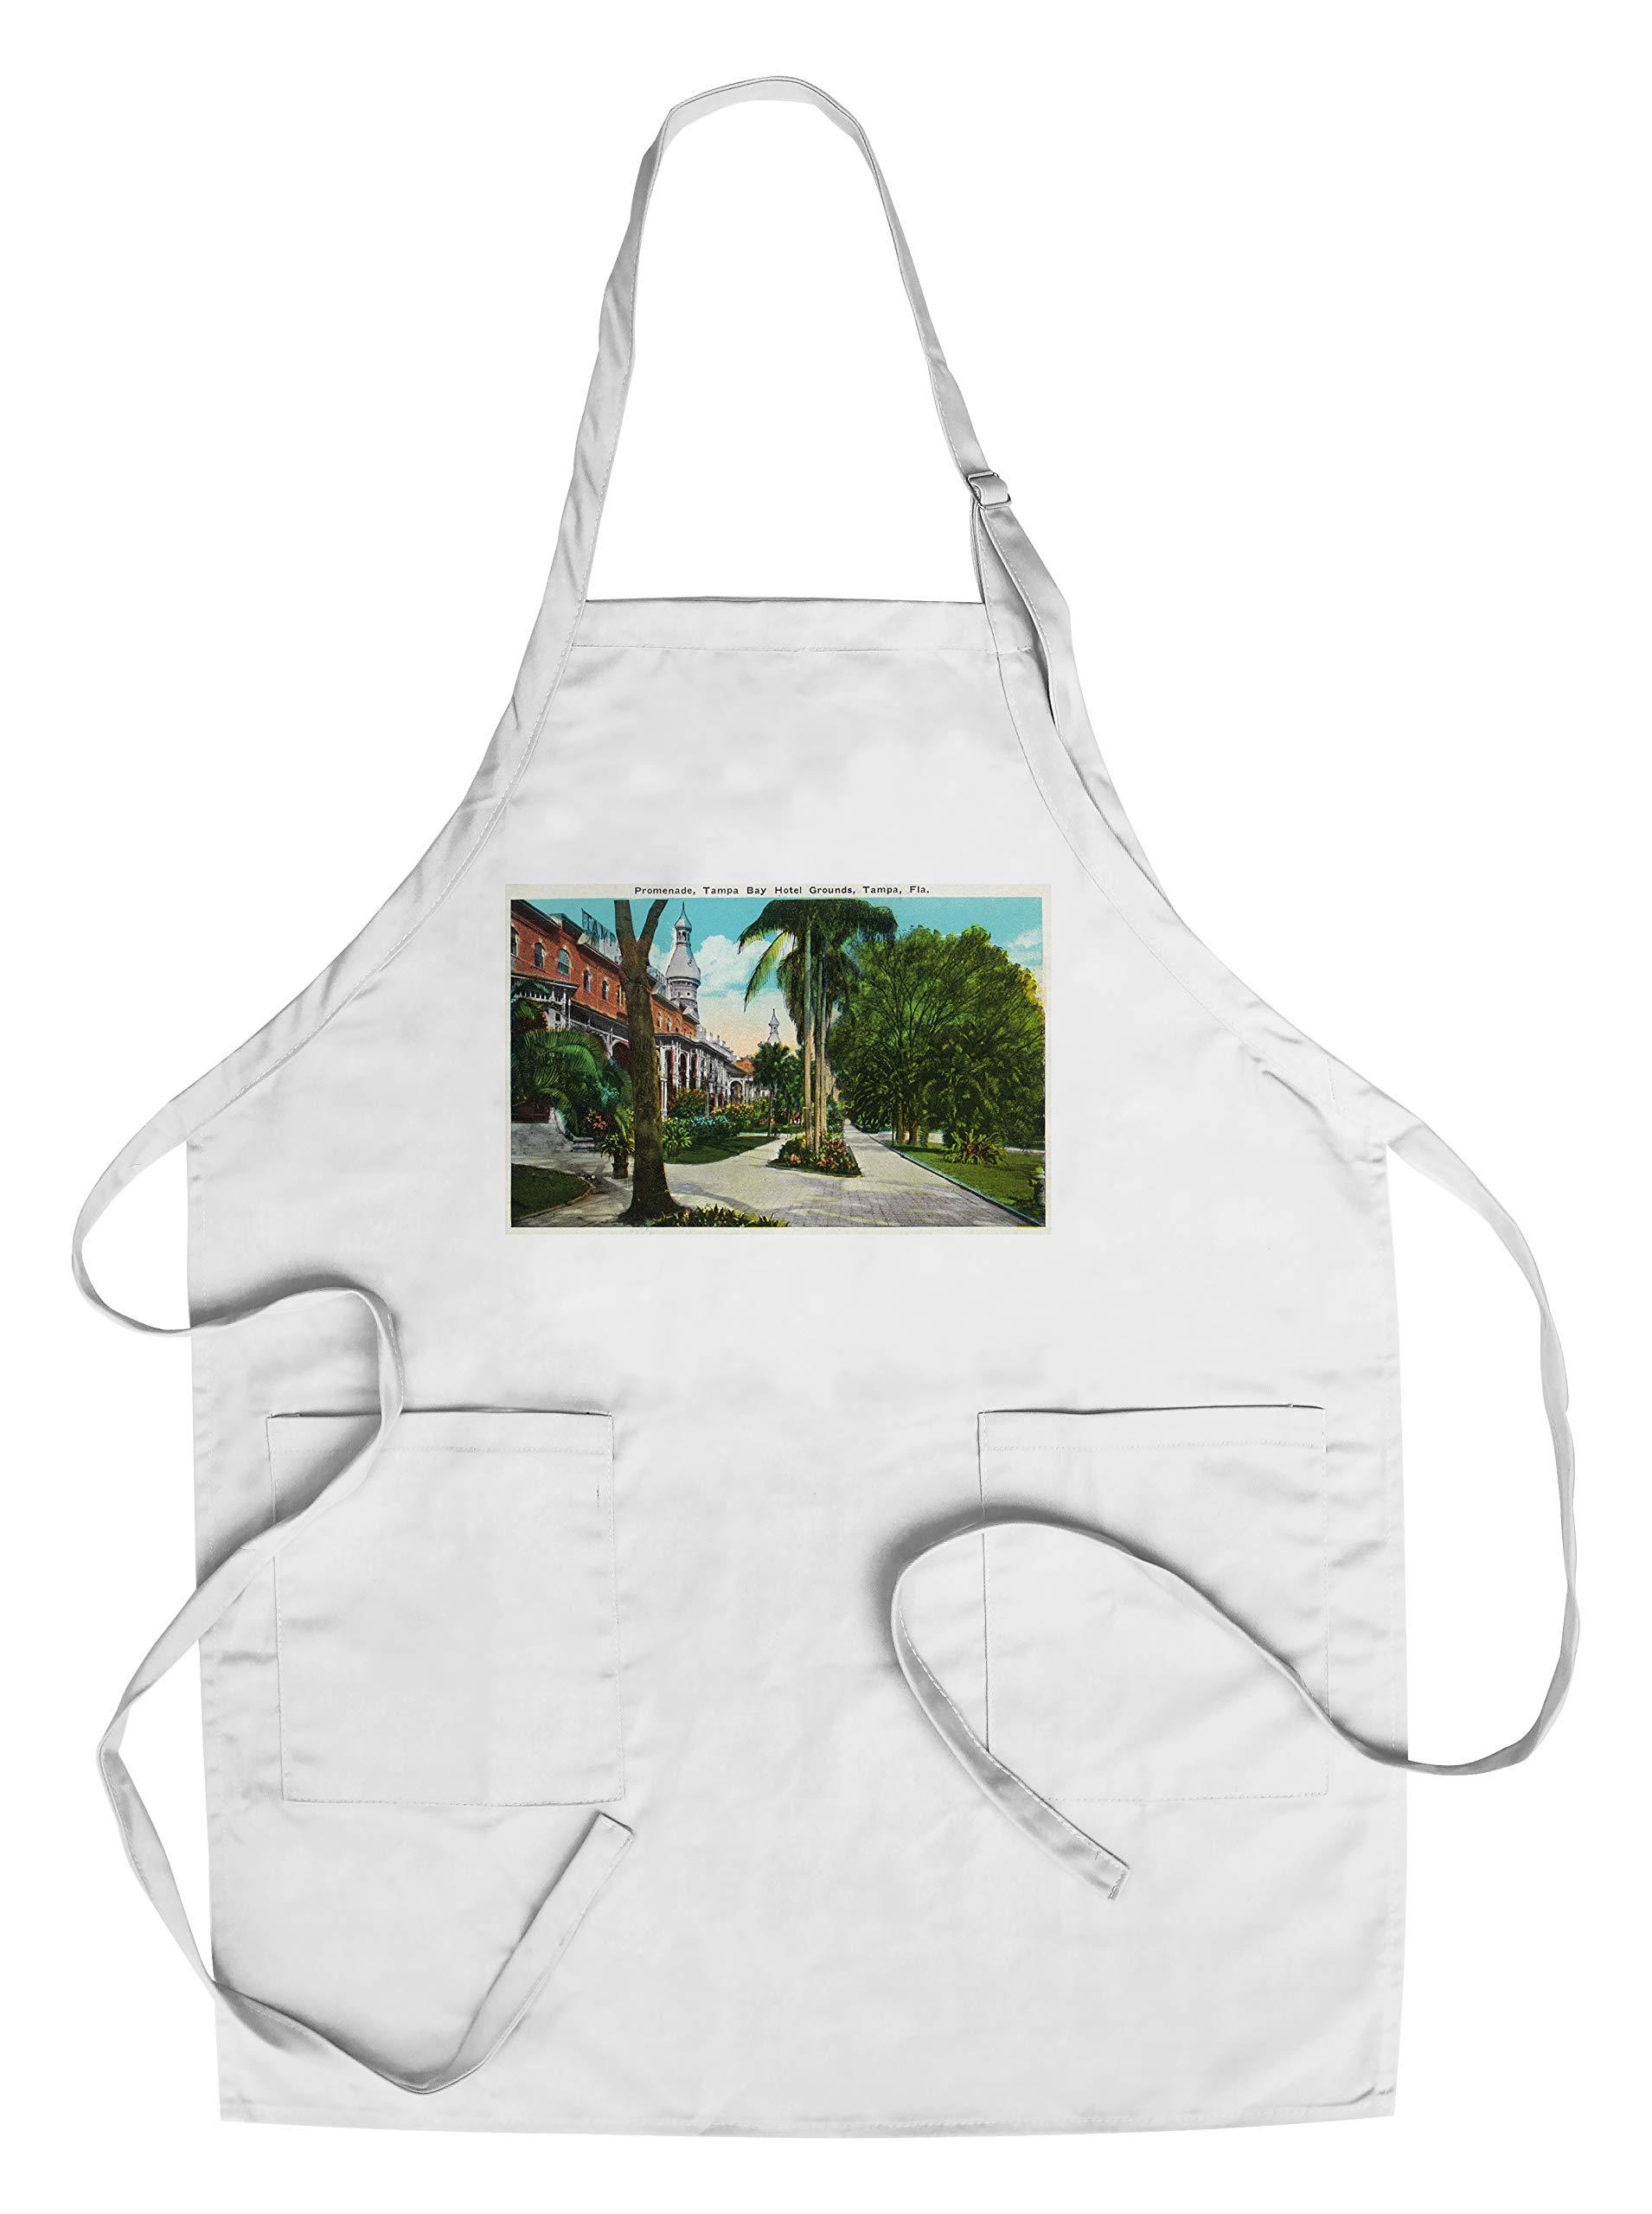 Tampa, Florida - Tampa Bay Hotel Promenade Scene (Cotton/Polyester Chef's Apron)